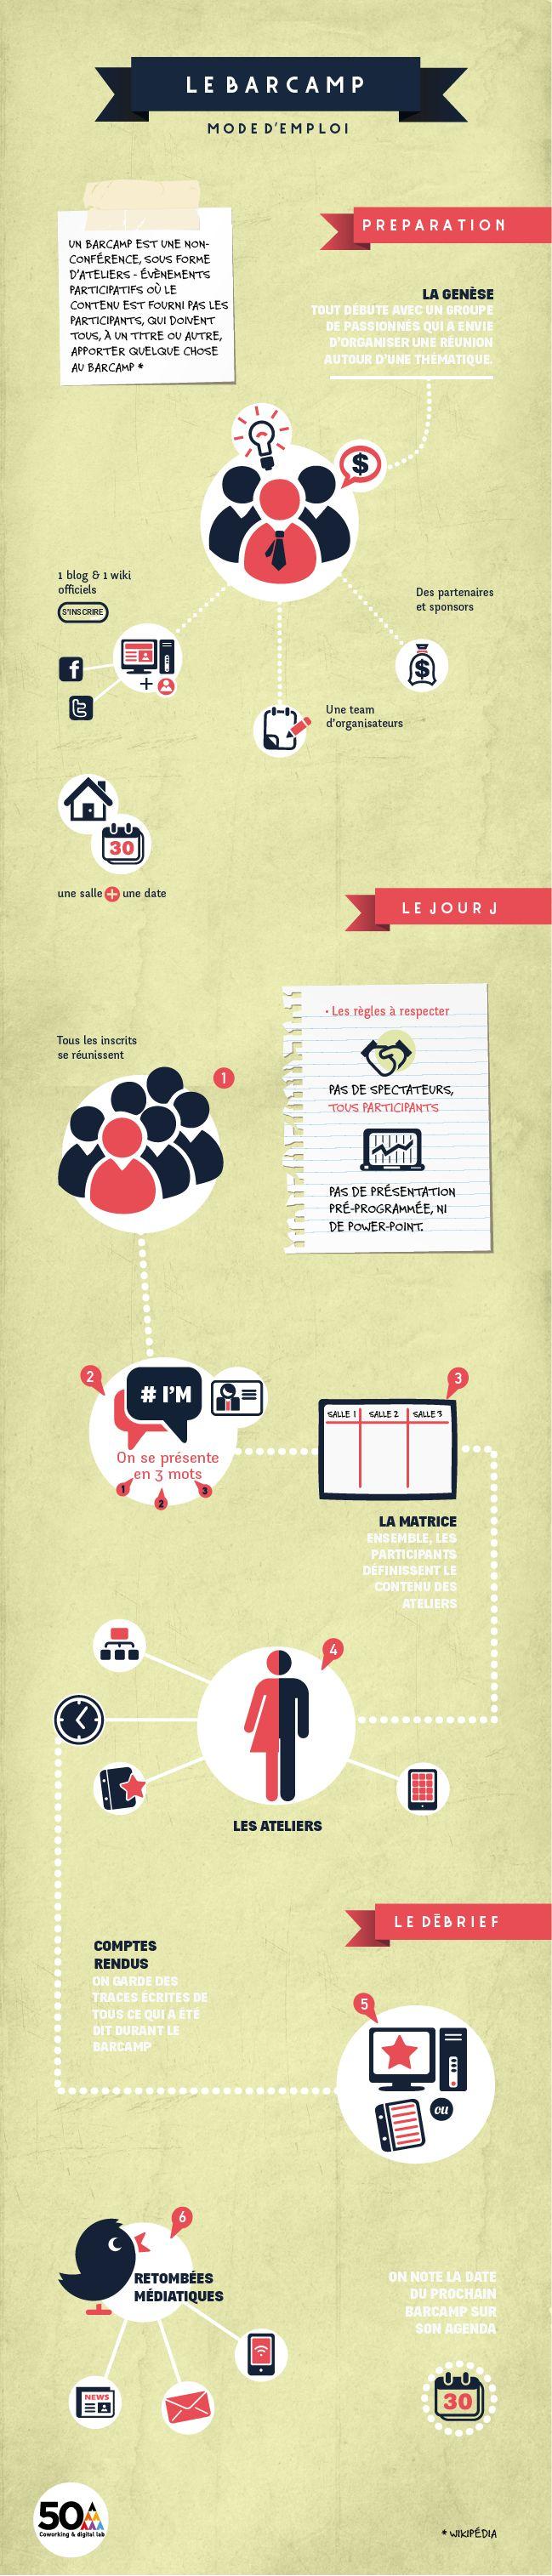 [Infographie] Barcamp, le mode d'emploi   50A BLOG